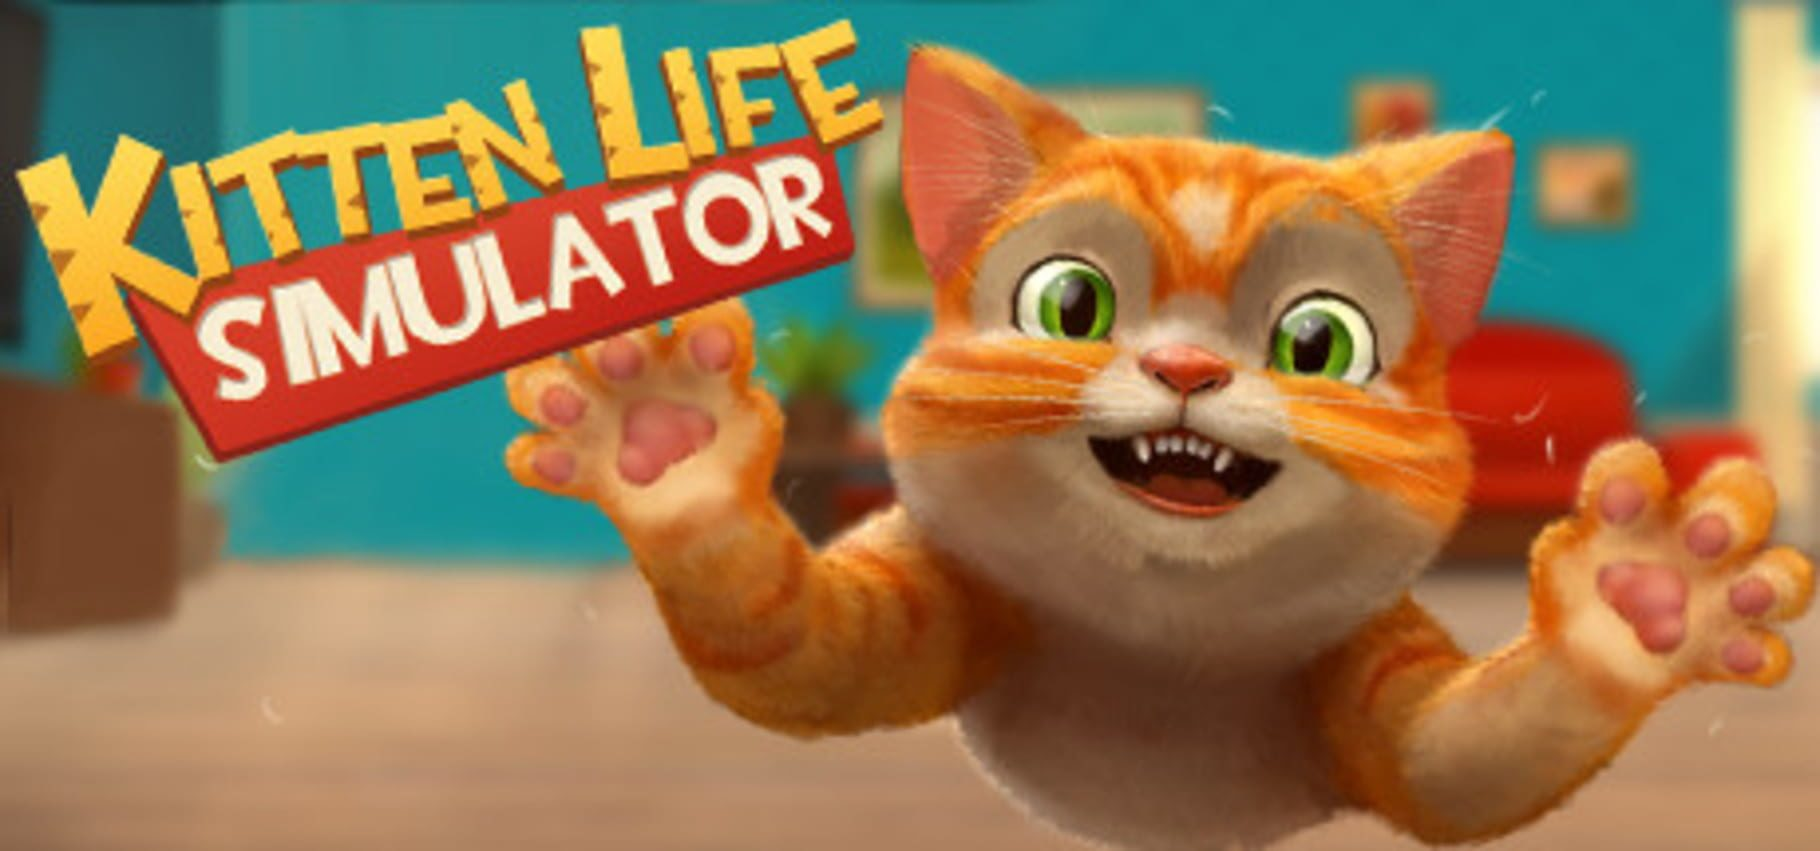 Buy Cheap Kitten Life Simulator CD Keys Online • CDKeyPrices com